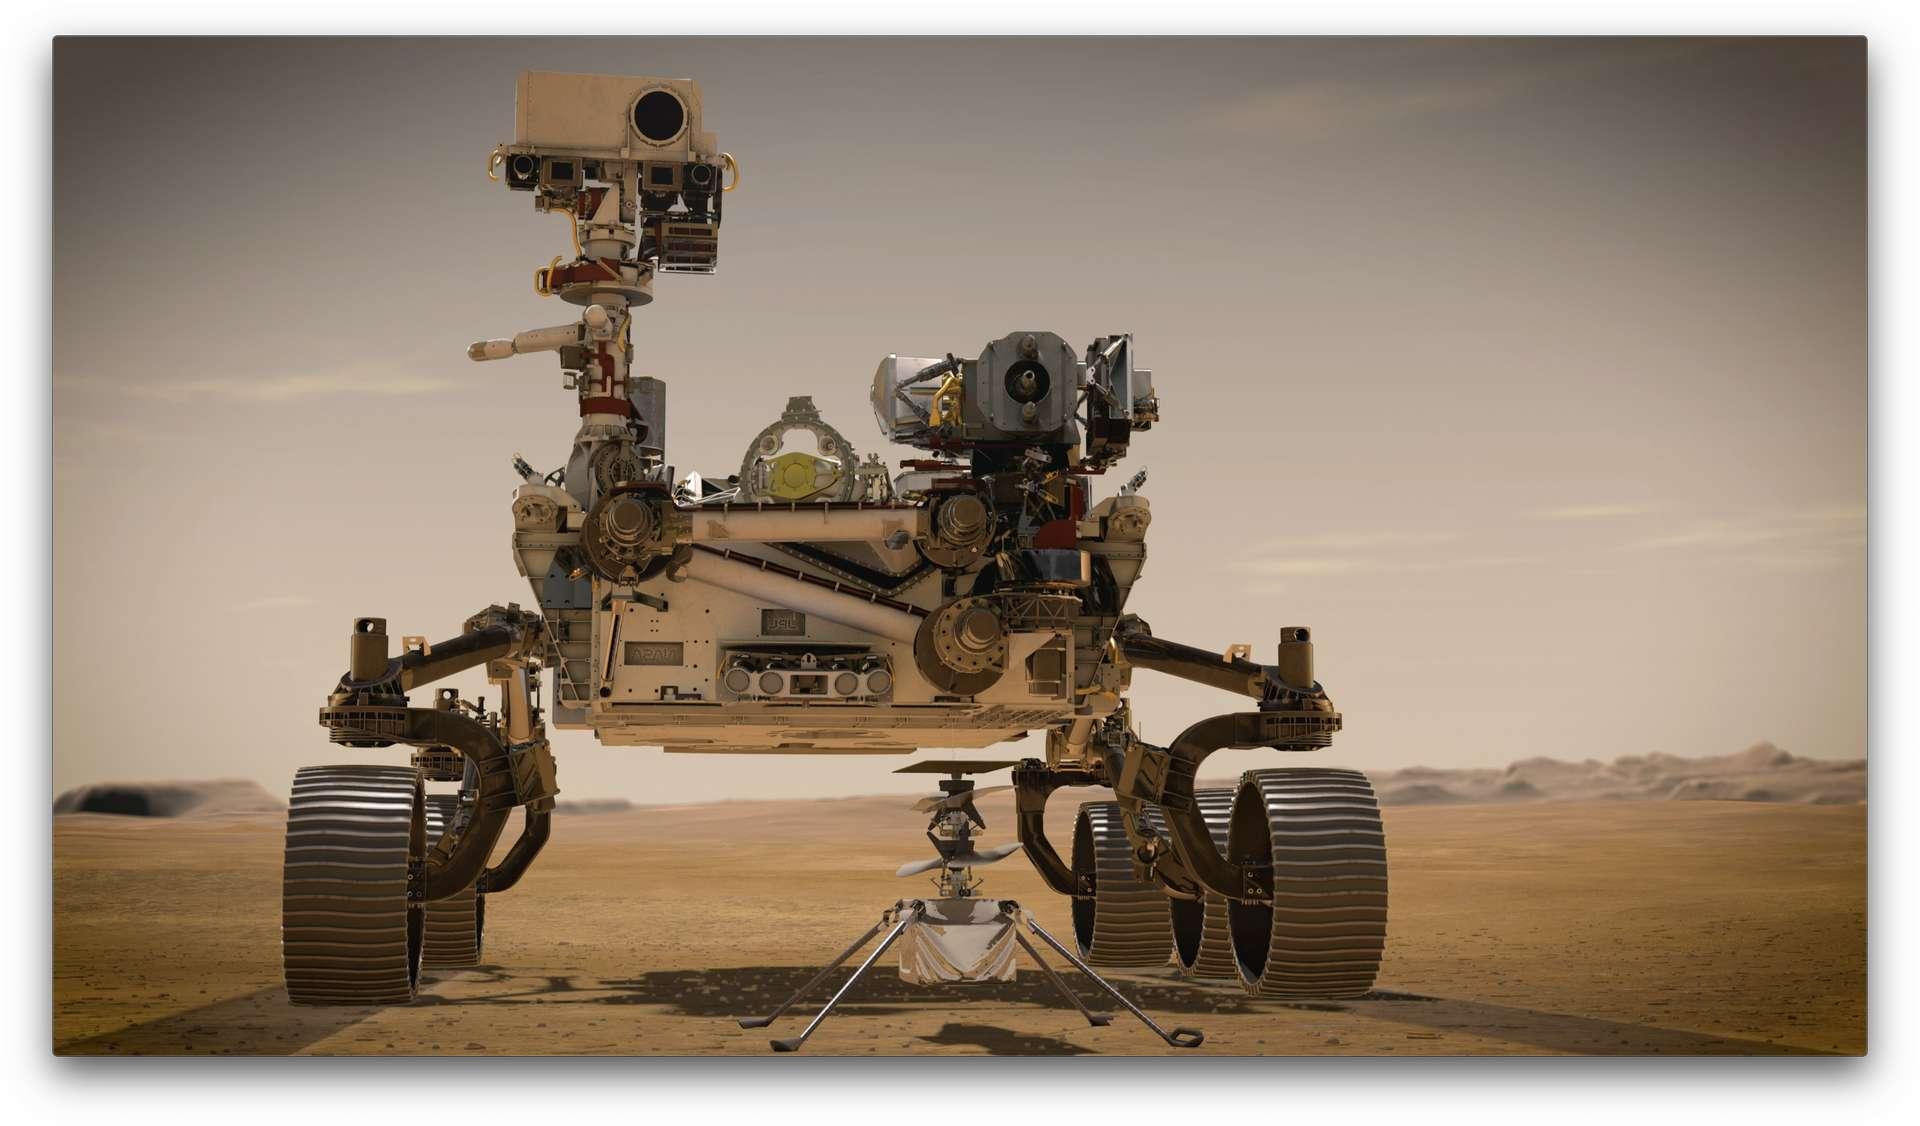 Illustration du rover Perseverance et de l'hélicoptère Ingenuity sur Mars. © Nasa